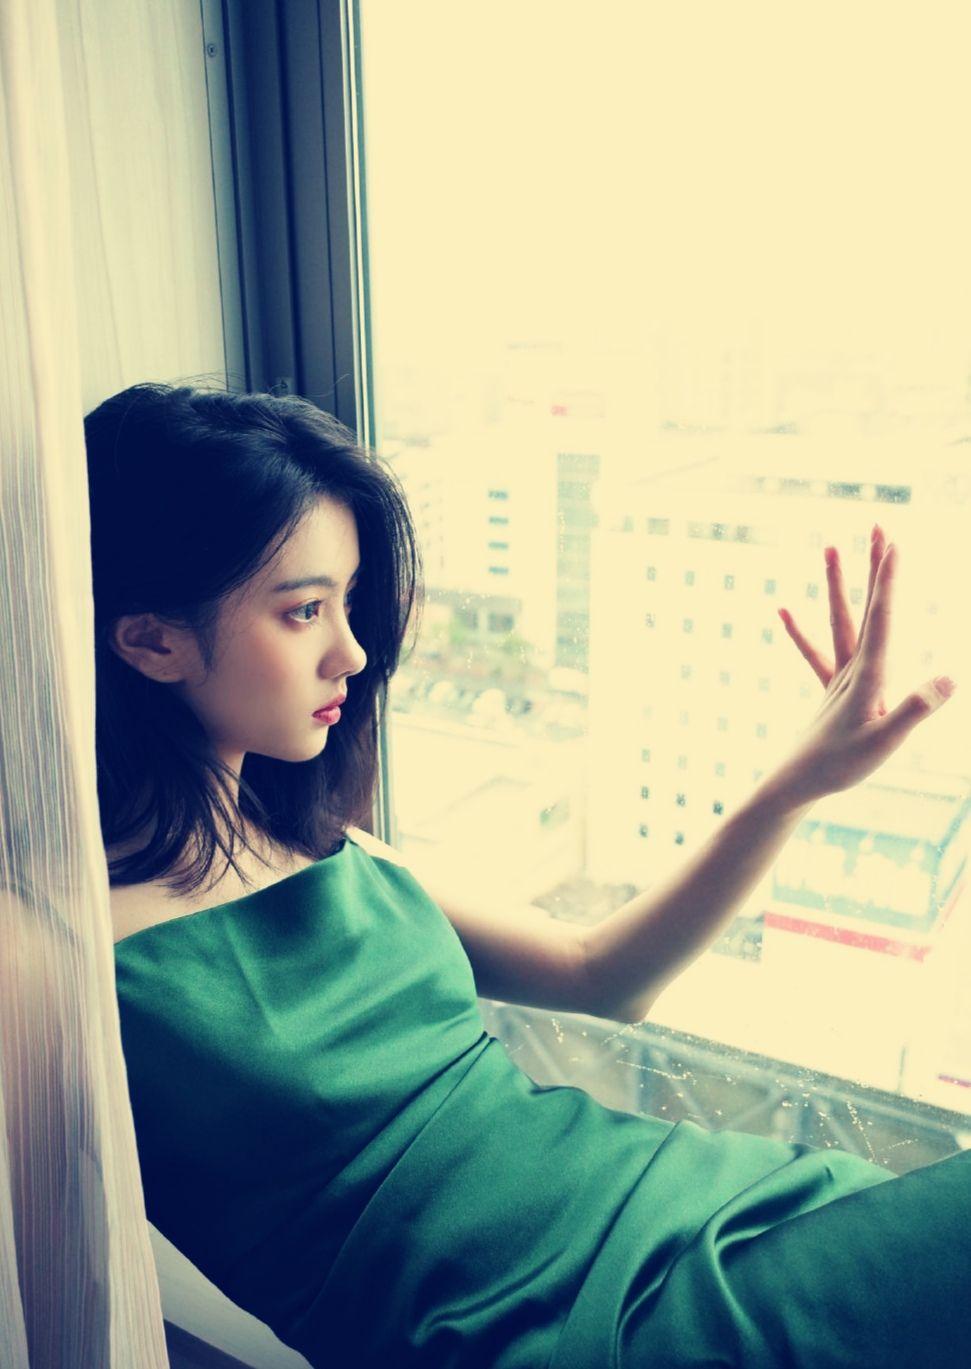 独家美女私拍照,各种风格应有尽有,你喜欢哪一个?